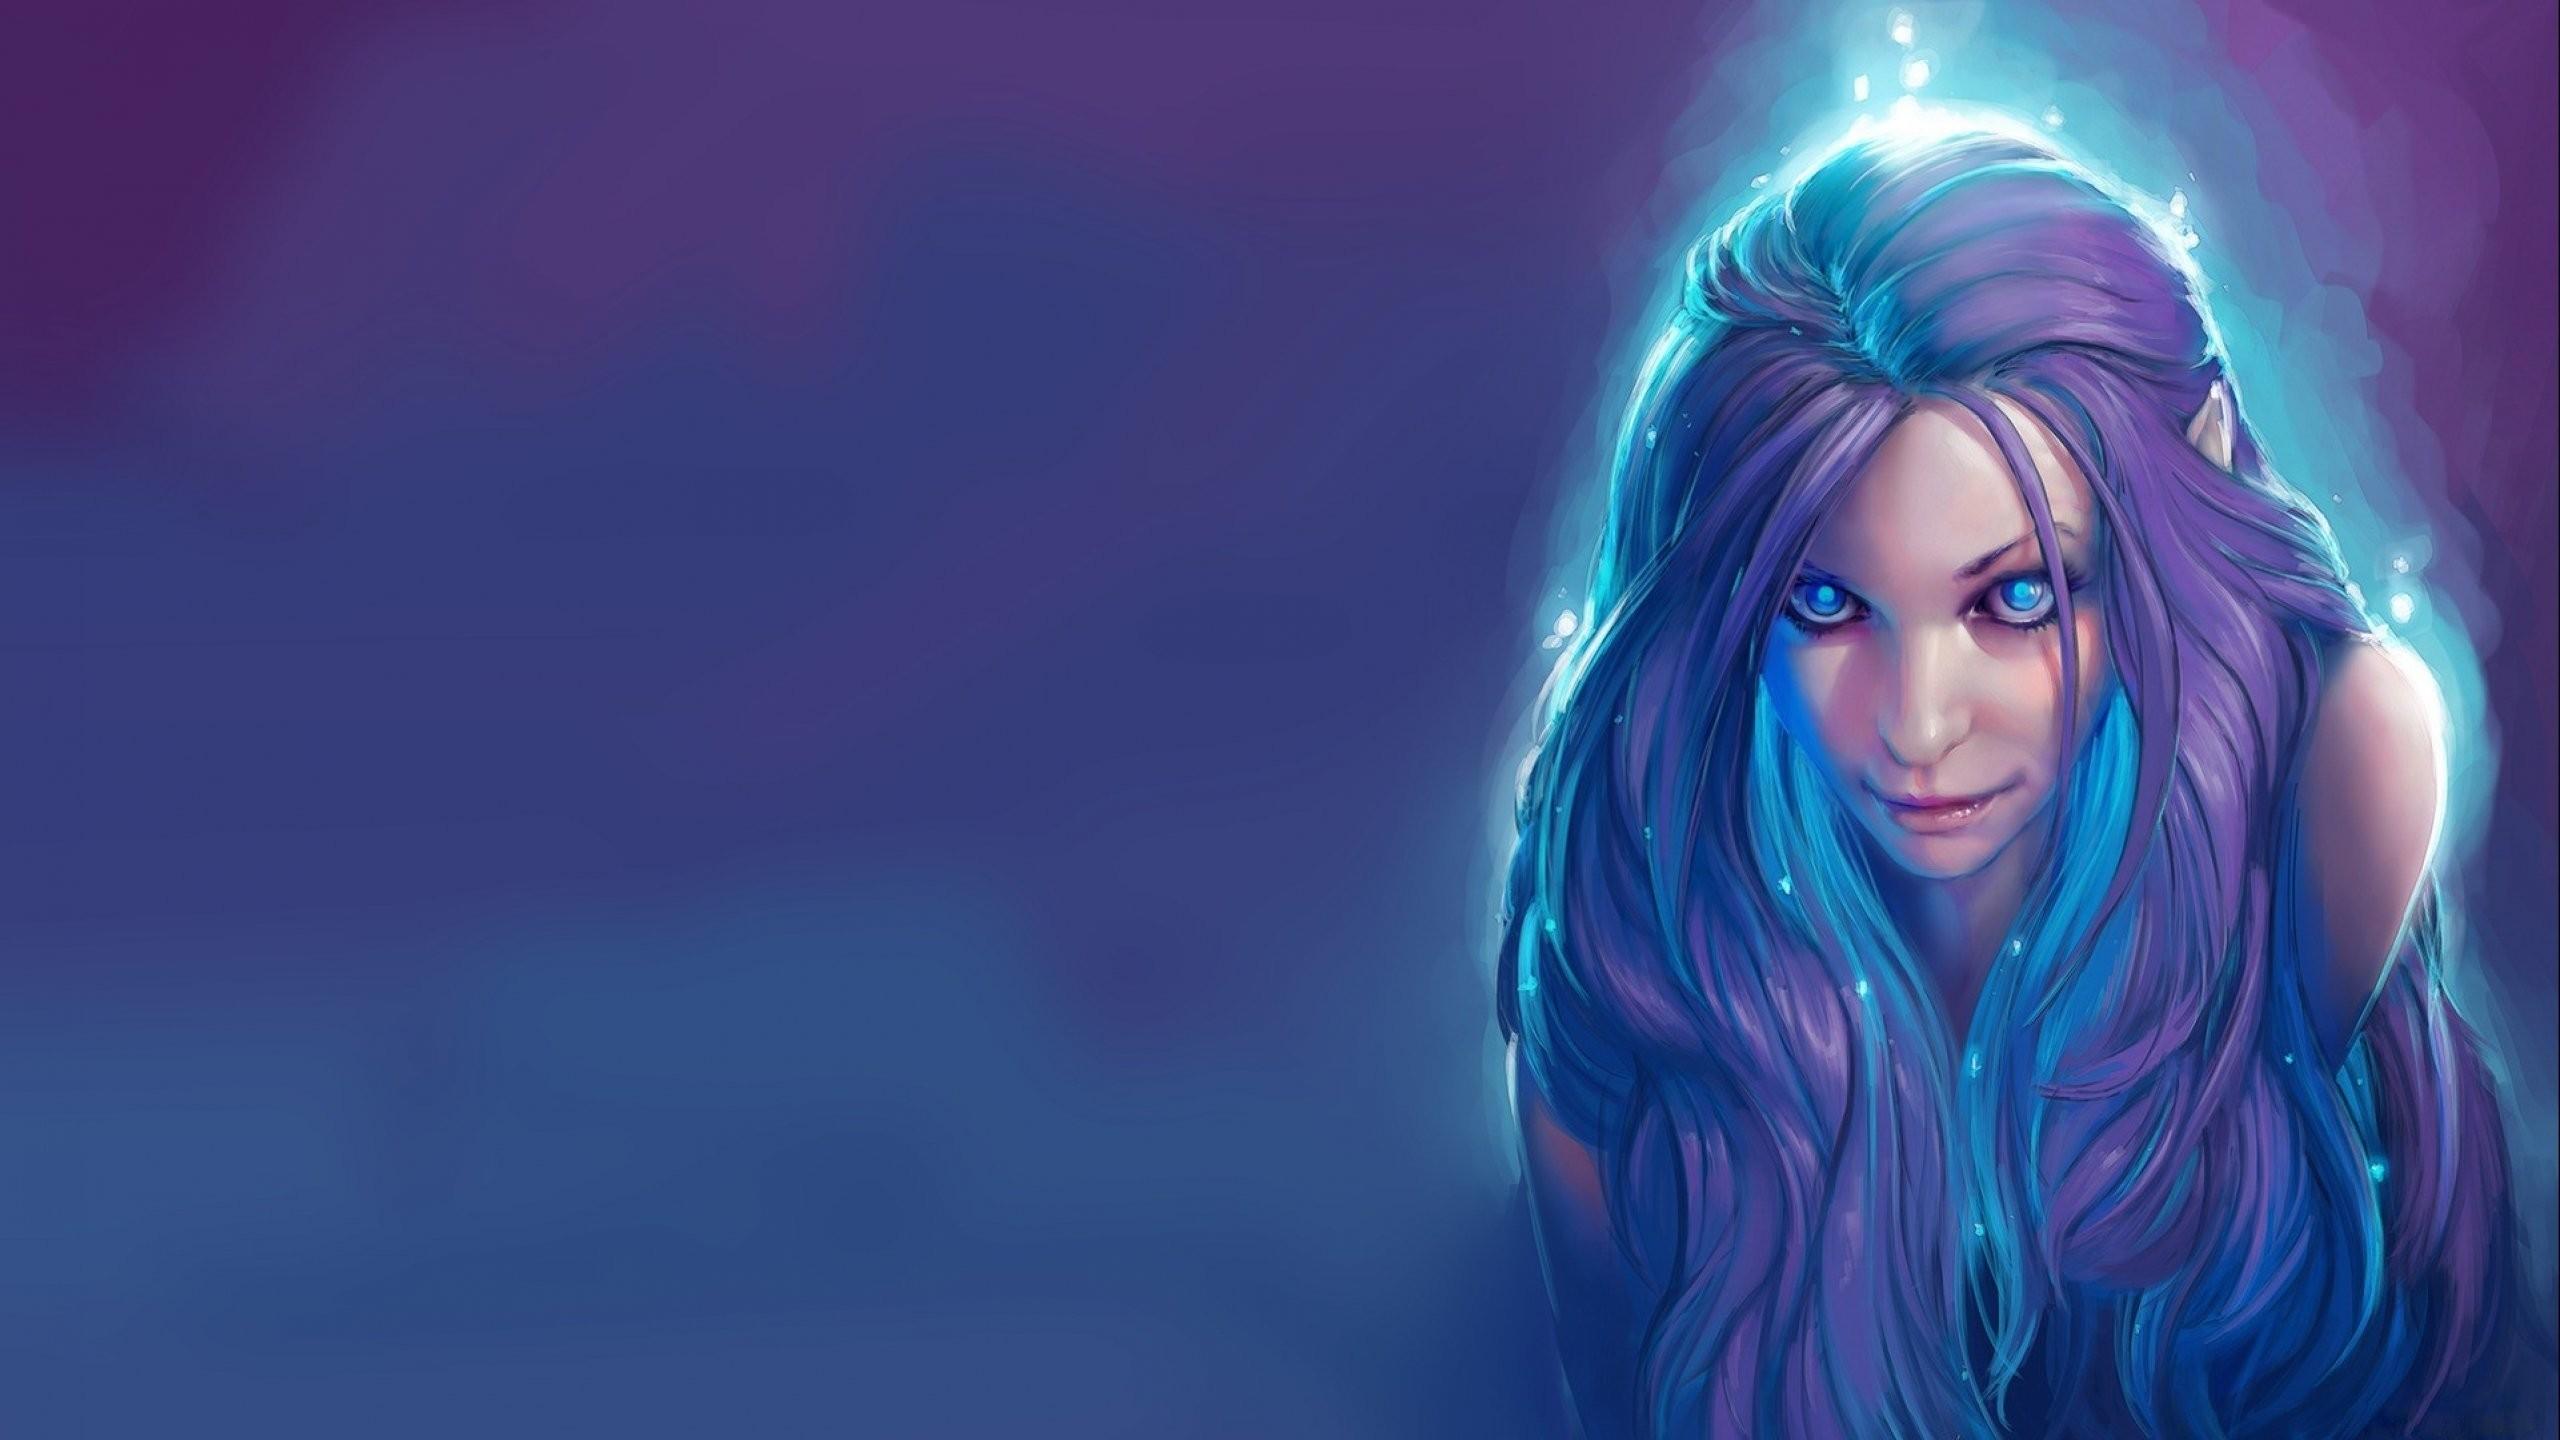 Fantasy Art Elves Wallpapers Hd Desktop And Mobile: Wallpaper : Women, Fantasy Art, Anime, Blue Hair, Artwork